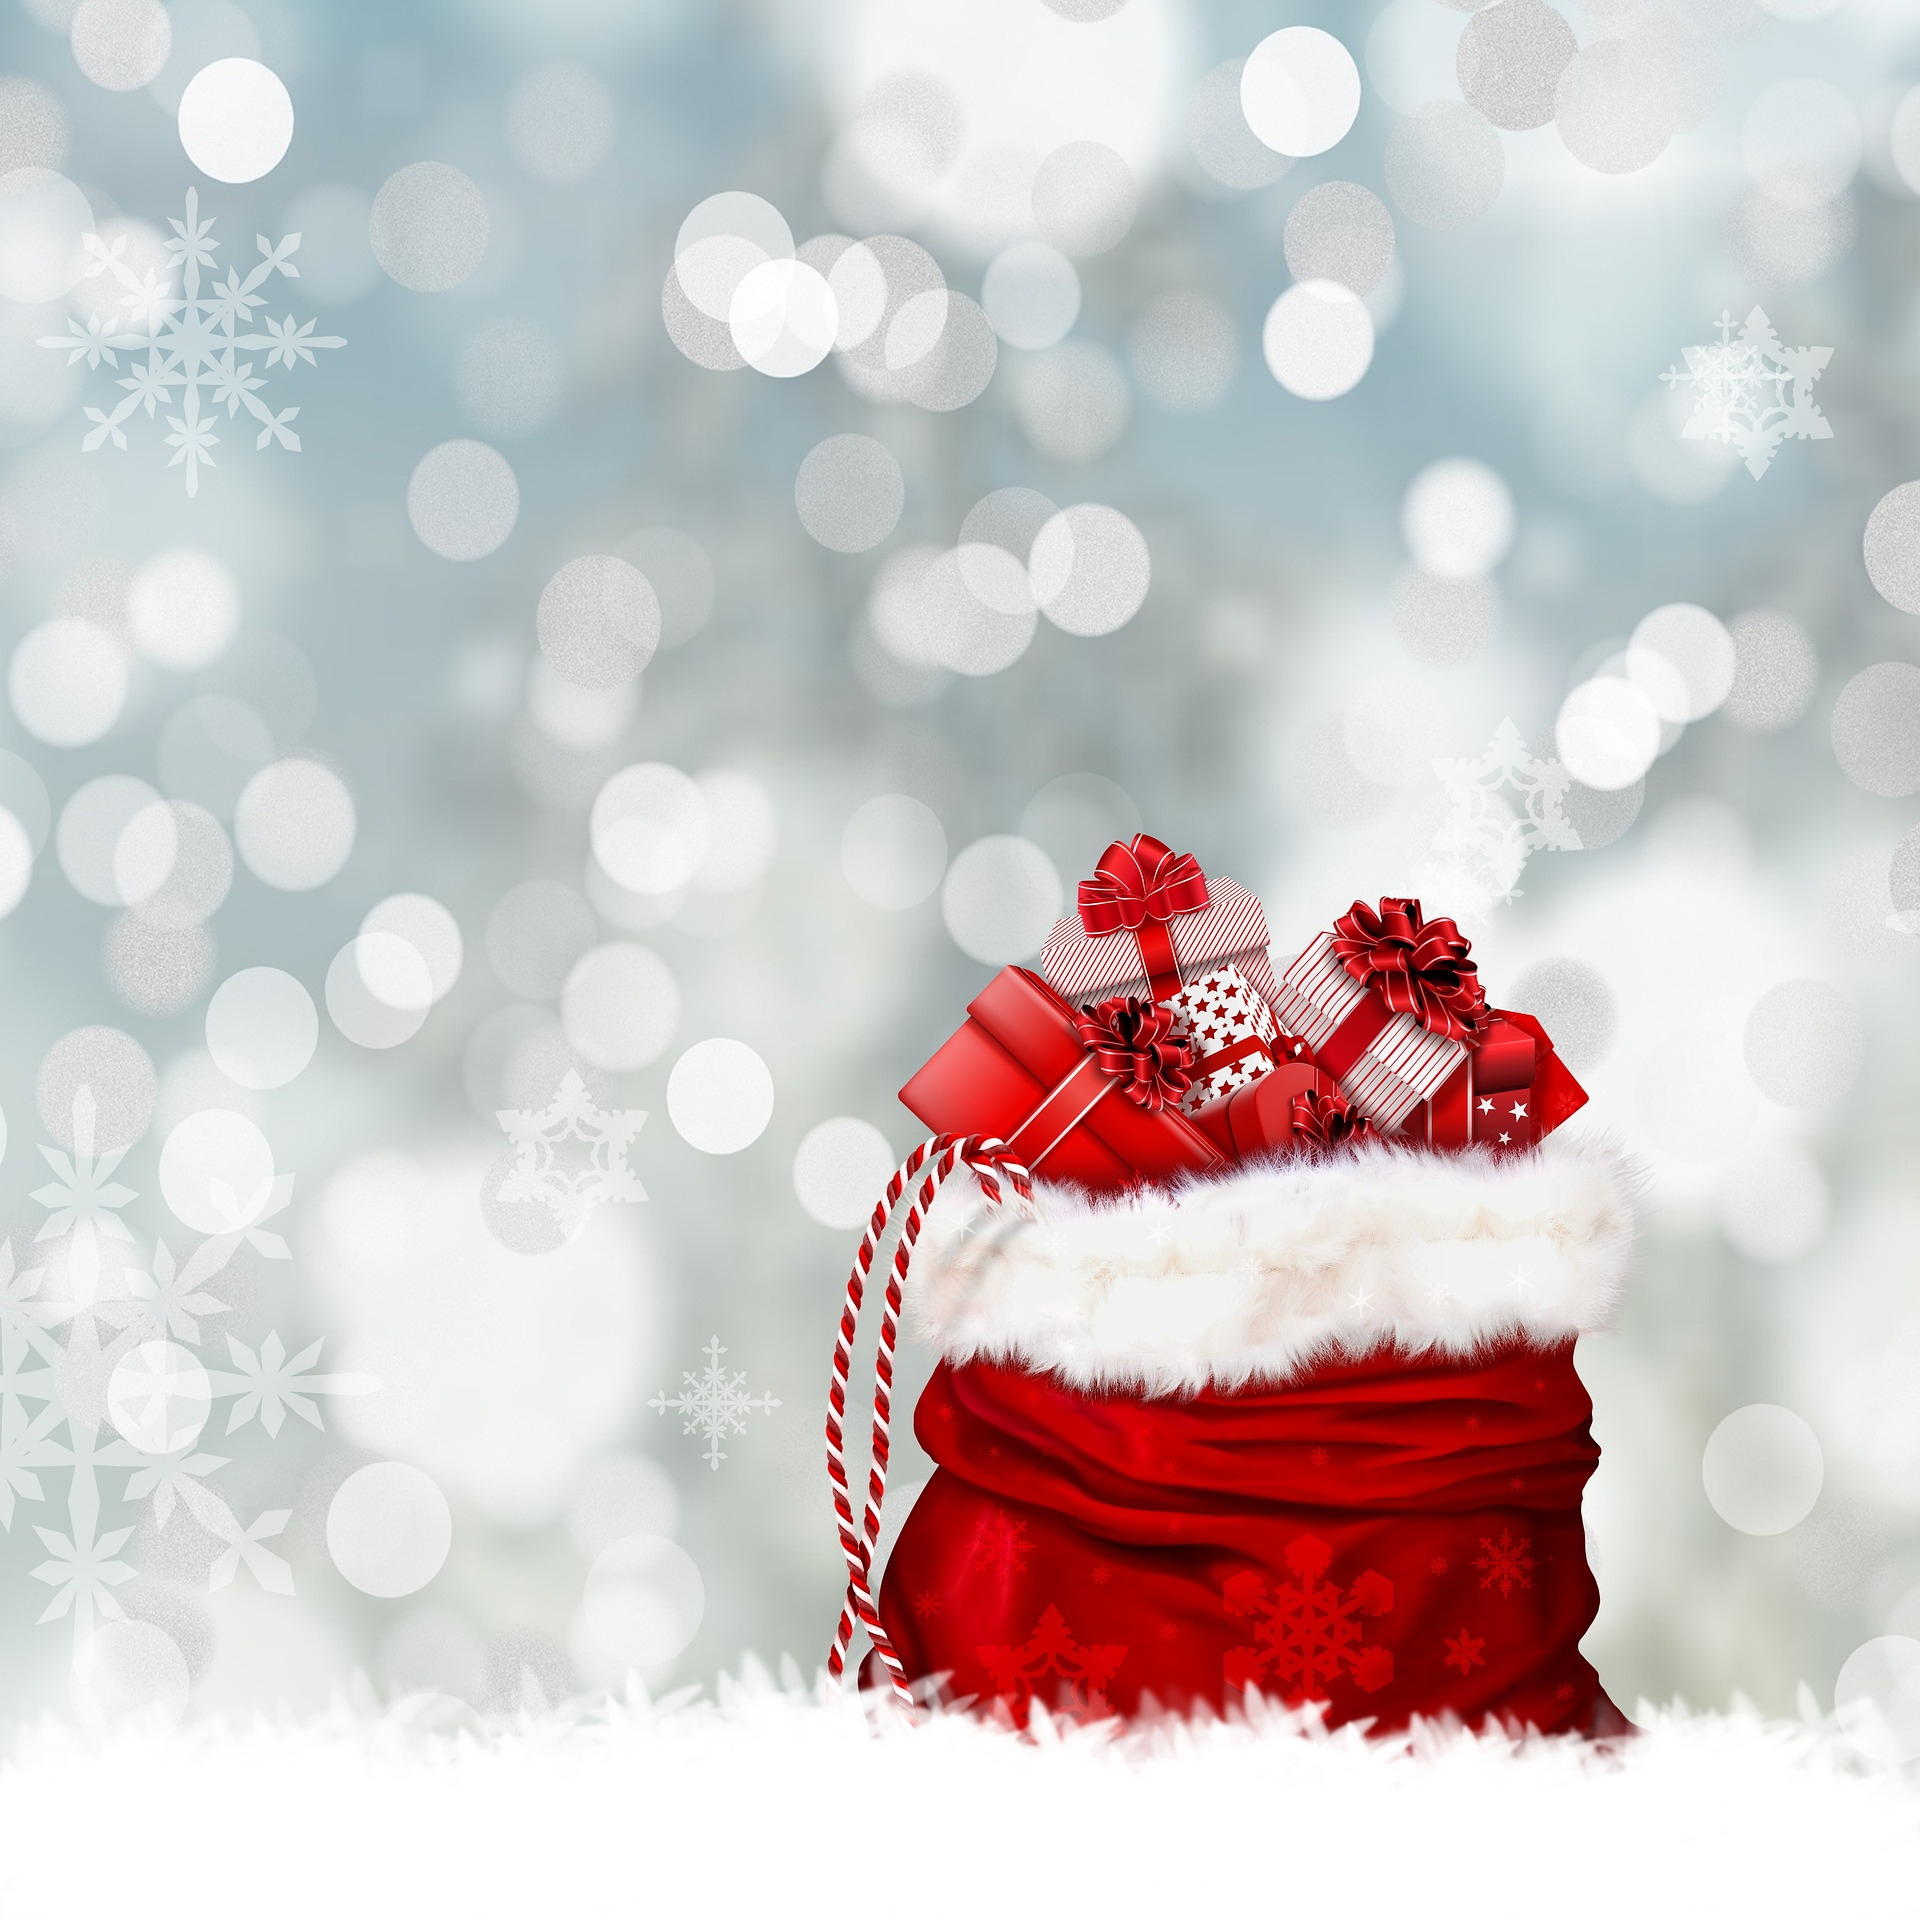 171222 Joulud